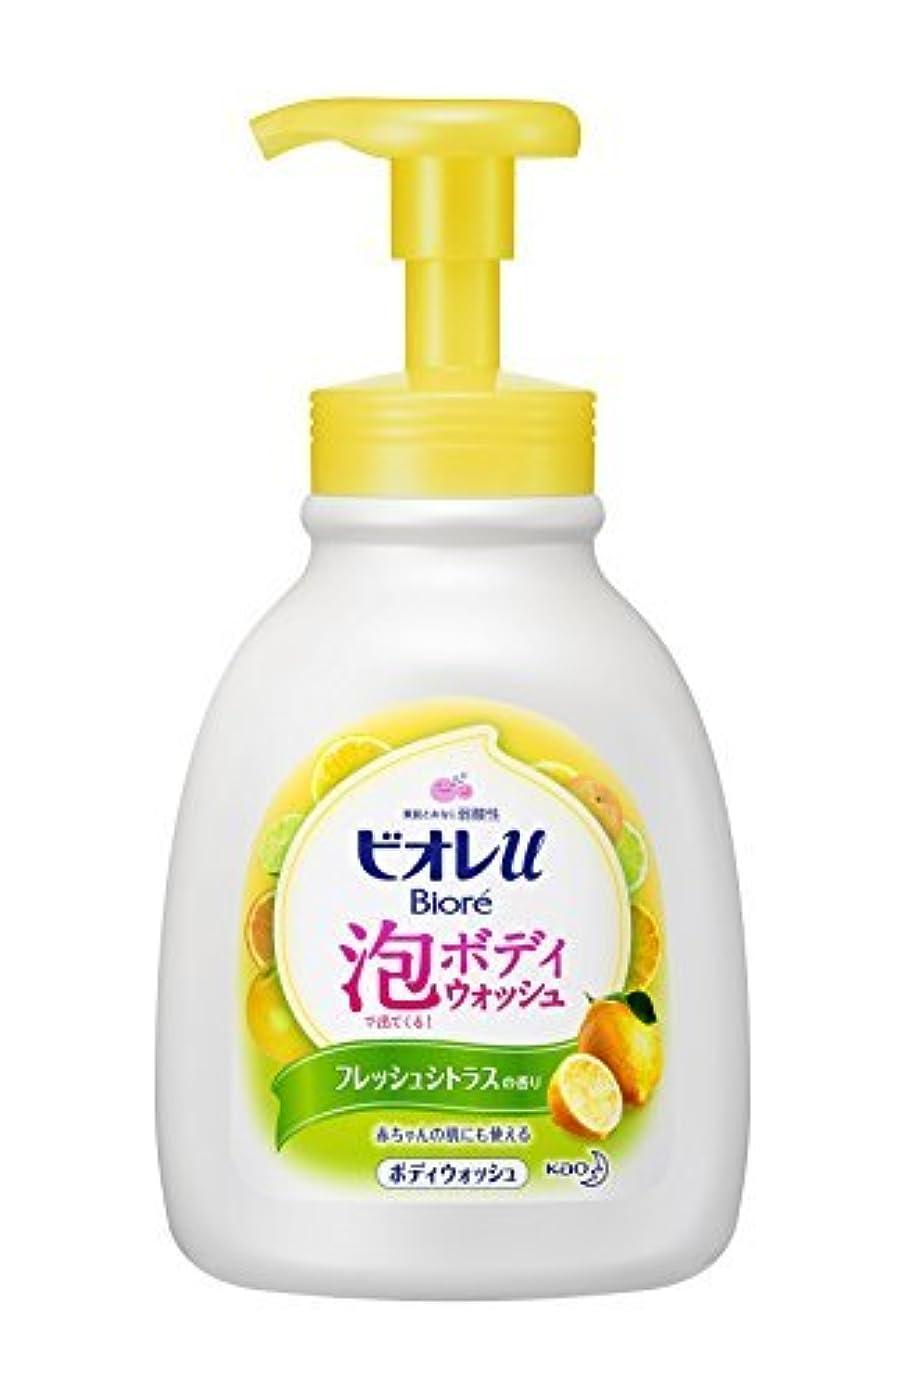 インキュバス助言するようこそ花王 ビオレu 泡で出てくるボディウォッシュ フレッシュシトラスの香り ポンプ 600ml × 4個セット